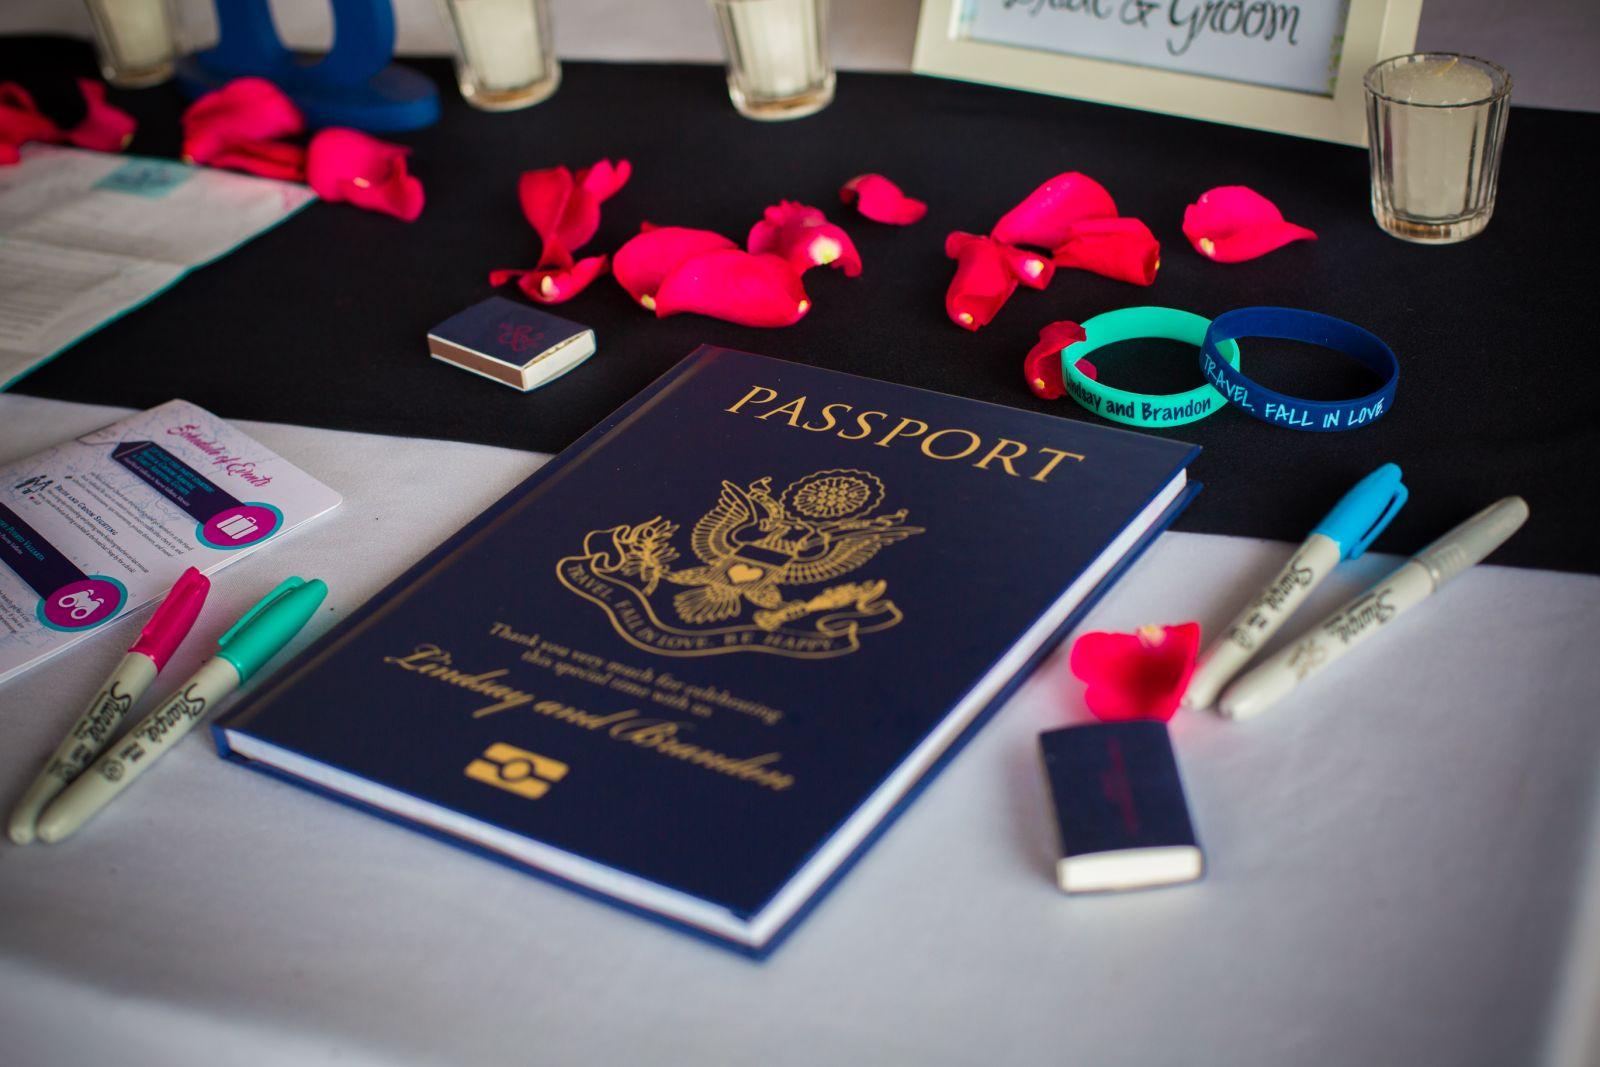 An original guest book for a destination wedding